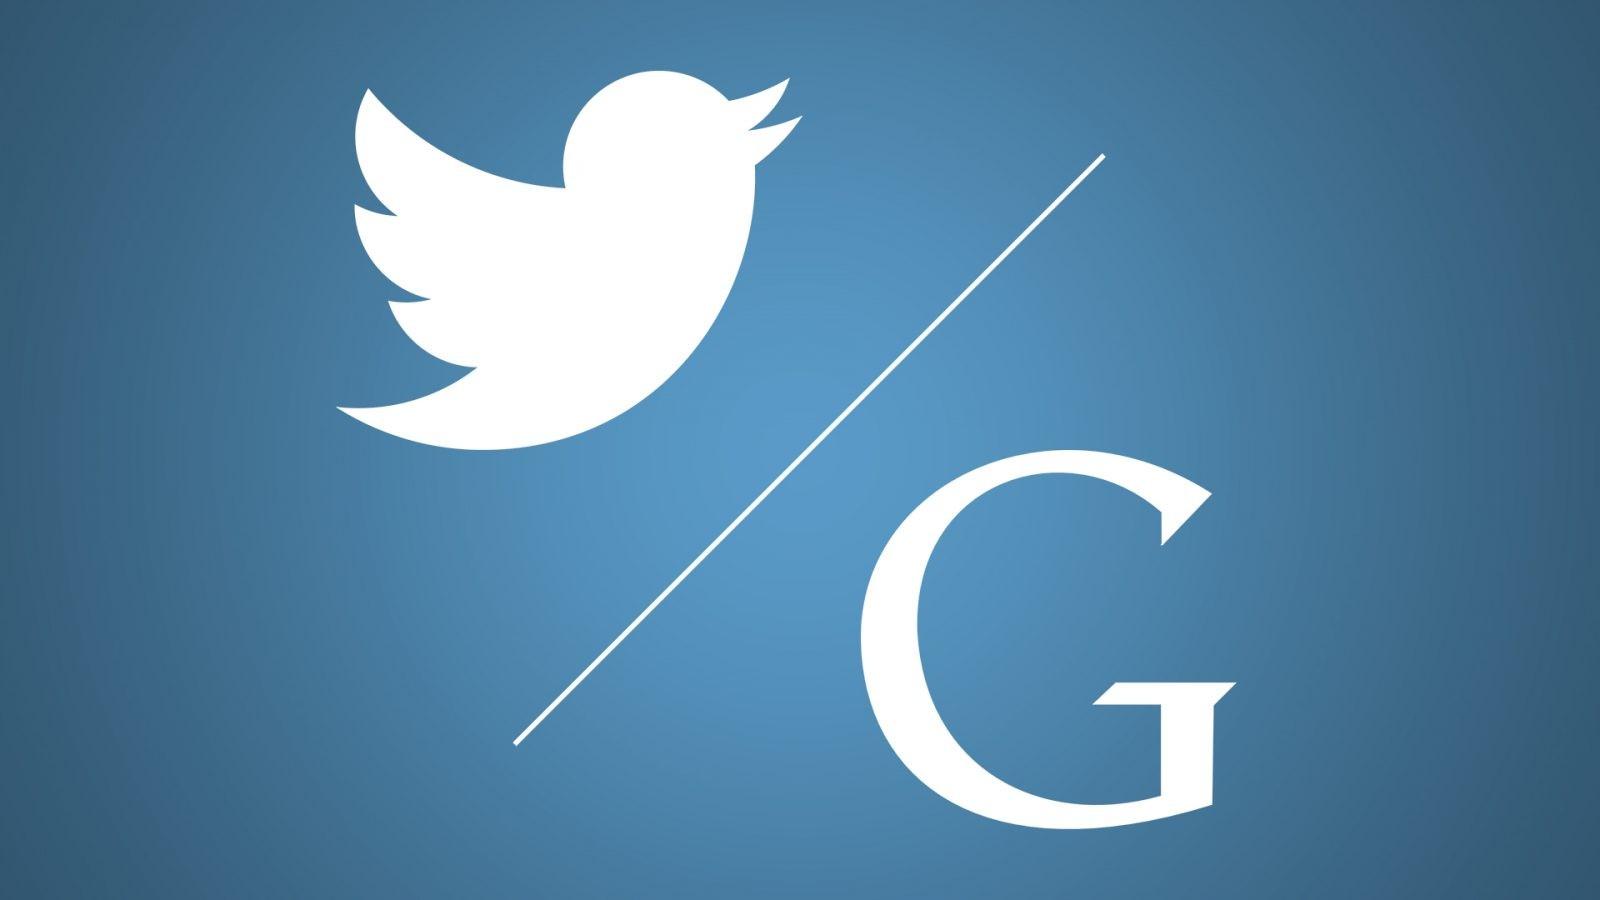 O Google e o Twitter fizeram uma parceria que muda o jogo do marketing de busca.